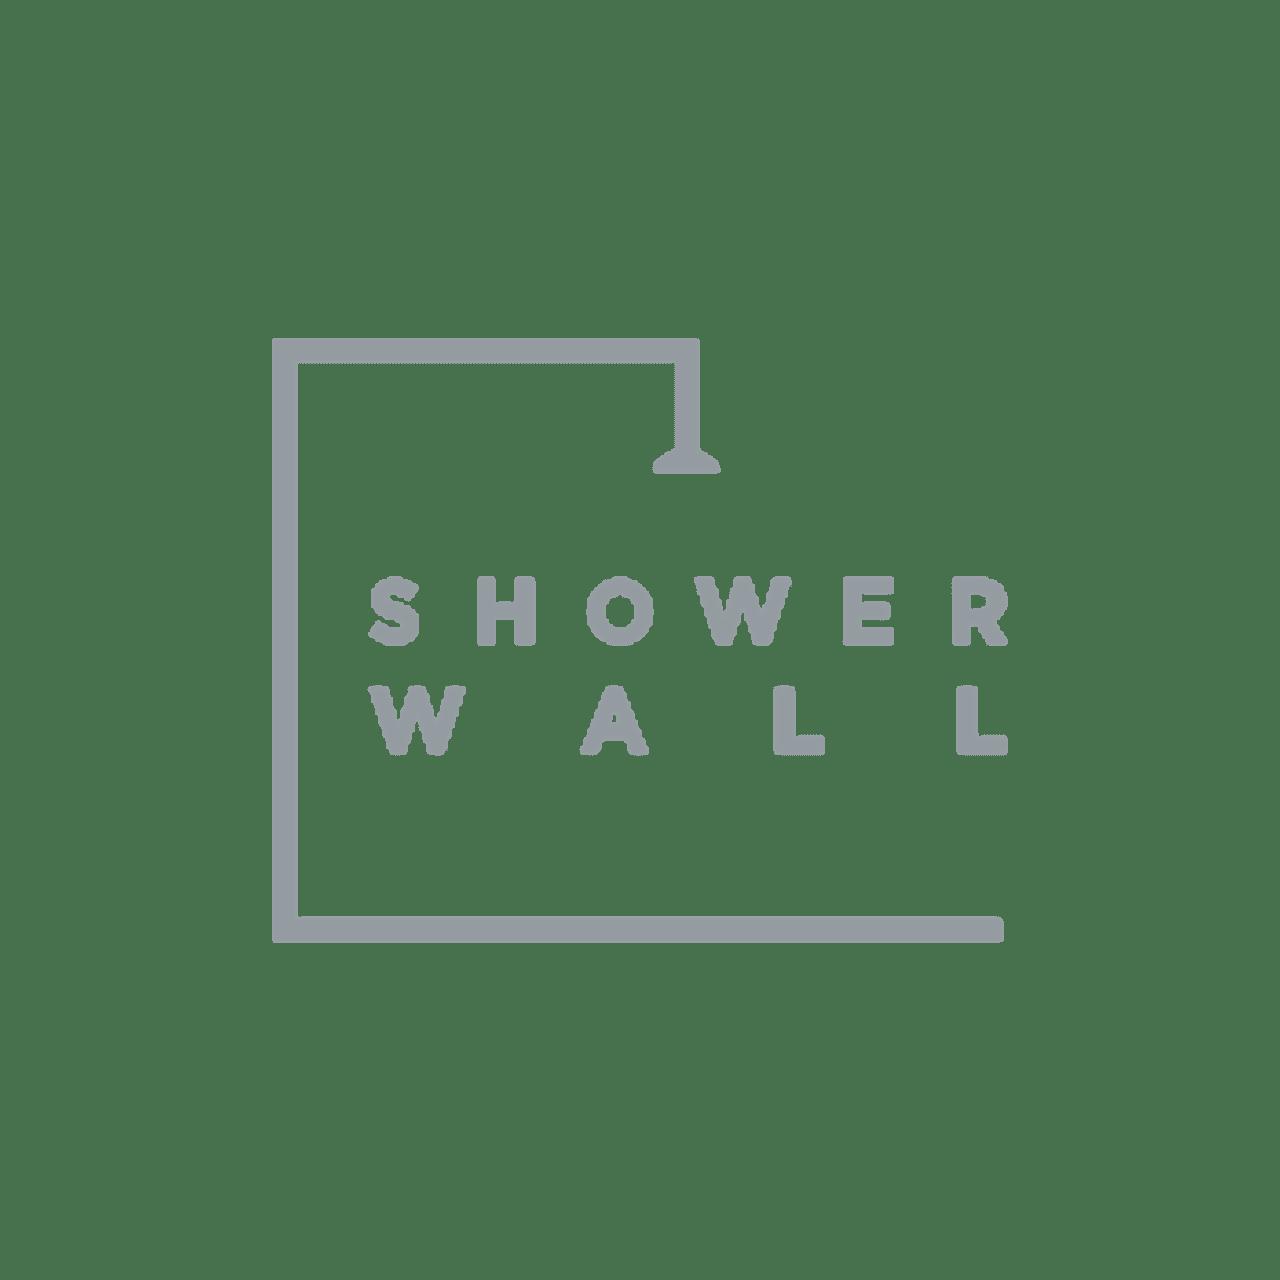 LOGO SHOWERWALL